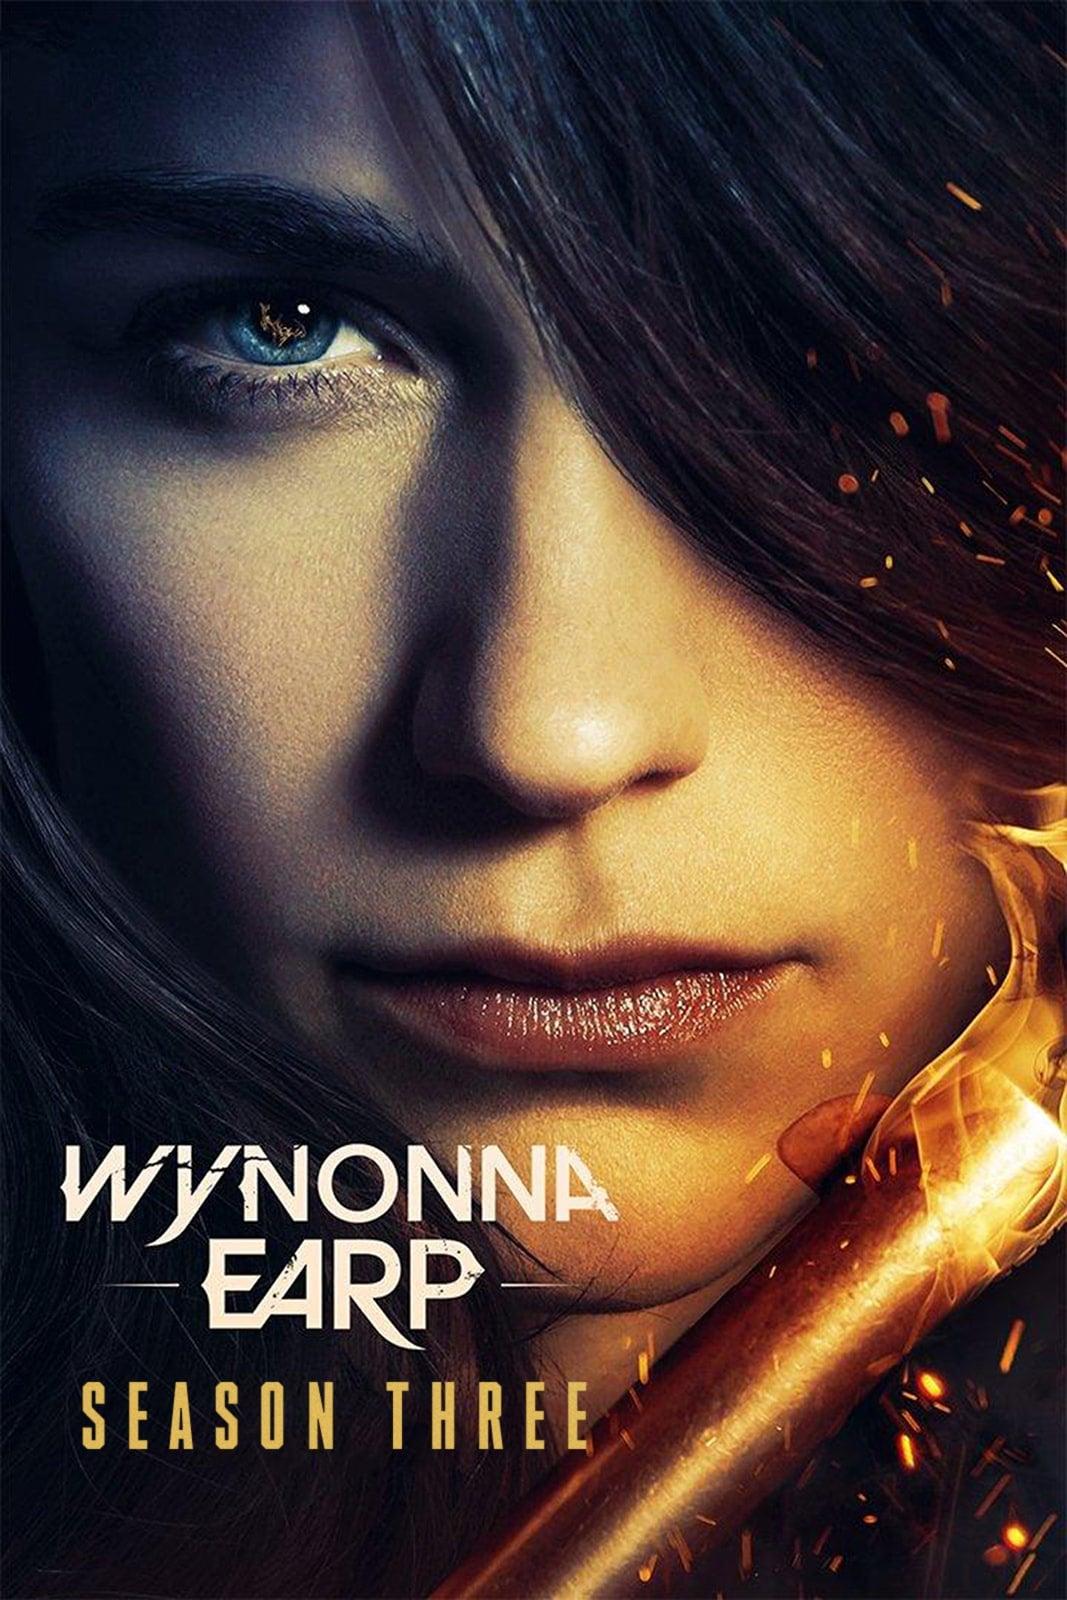 Wynonna Earp Season 3